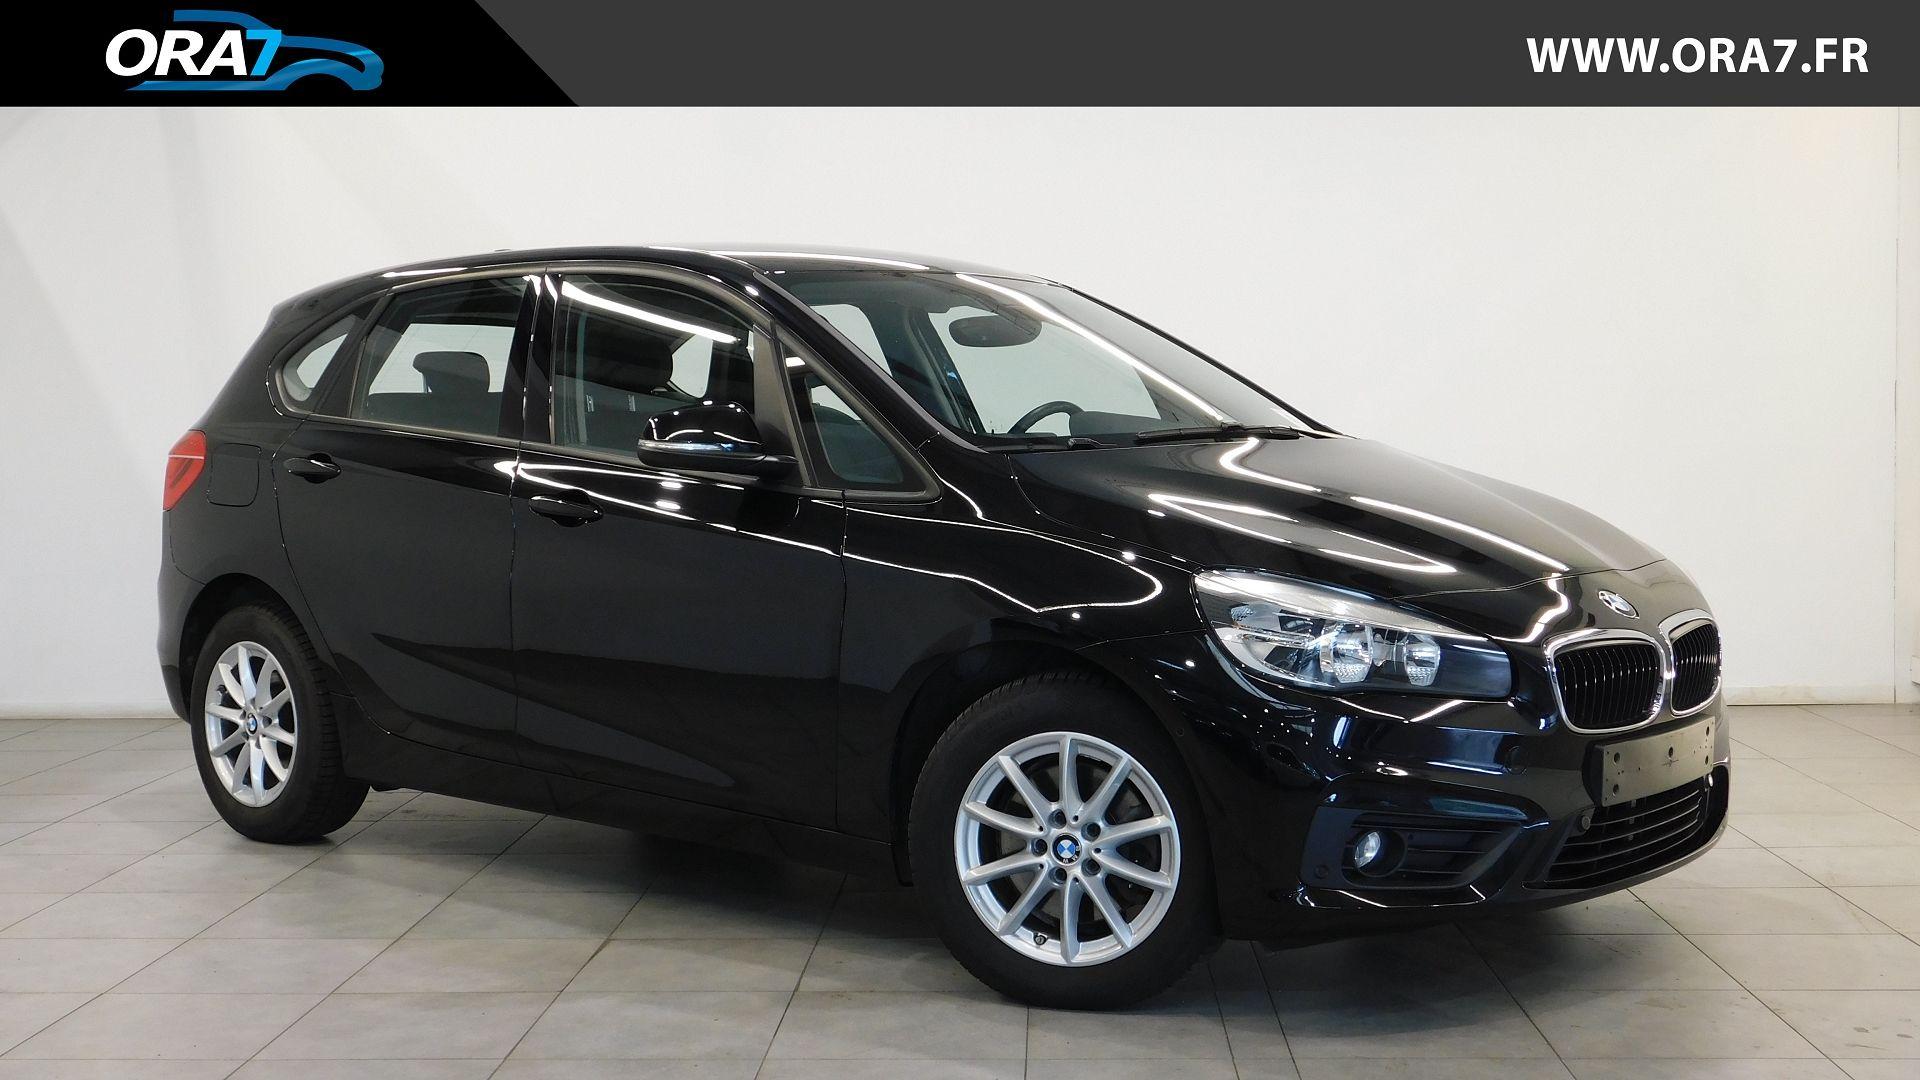 BMW SERIE 2 ACTIVETOURER (F45) 220DA 190CH BUSINESS d'occasion dans votre centre ORA7